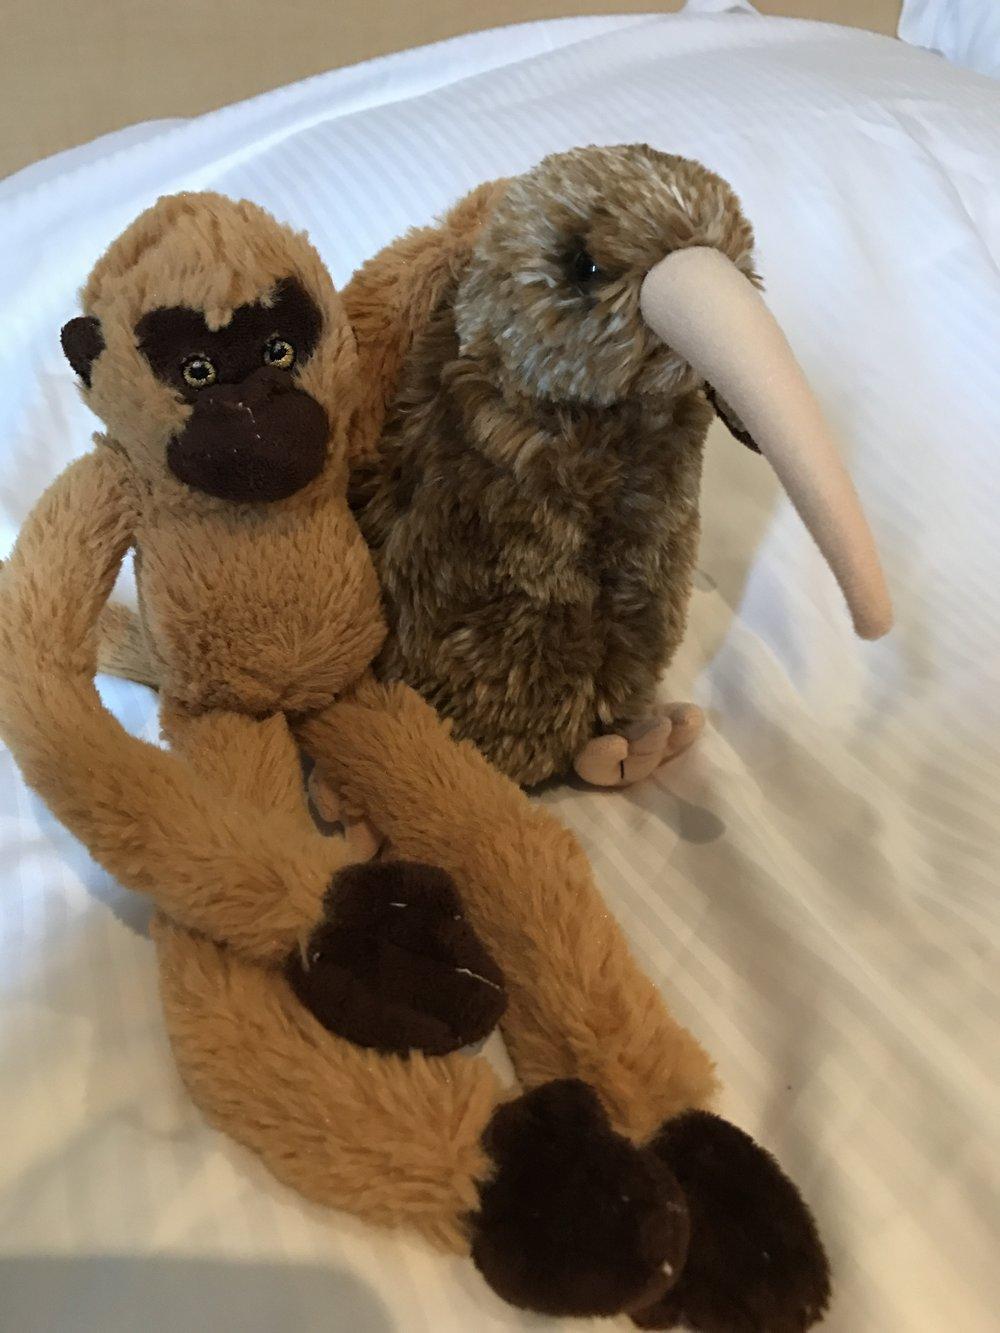 Joskus romantiikkakin kukoistaa moottoripyörämatkoilla - Pyry löysi uuden heilan Uudesta-Seelannista. Emma muutti Pyryn kanssa samassa matkalaukussa Suomeen. Love is in the air!